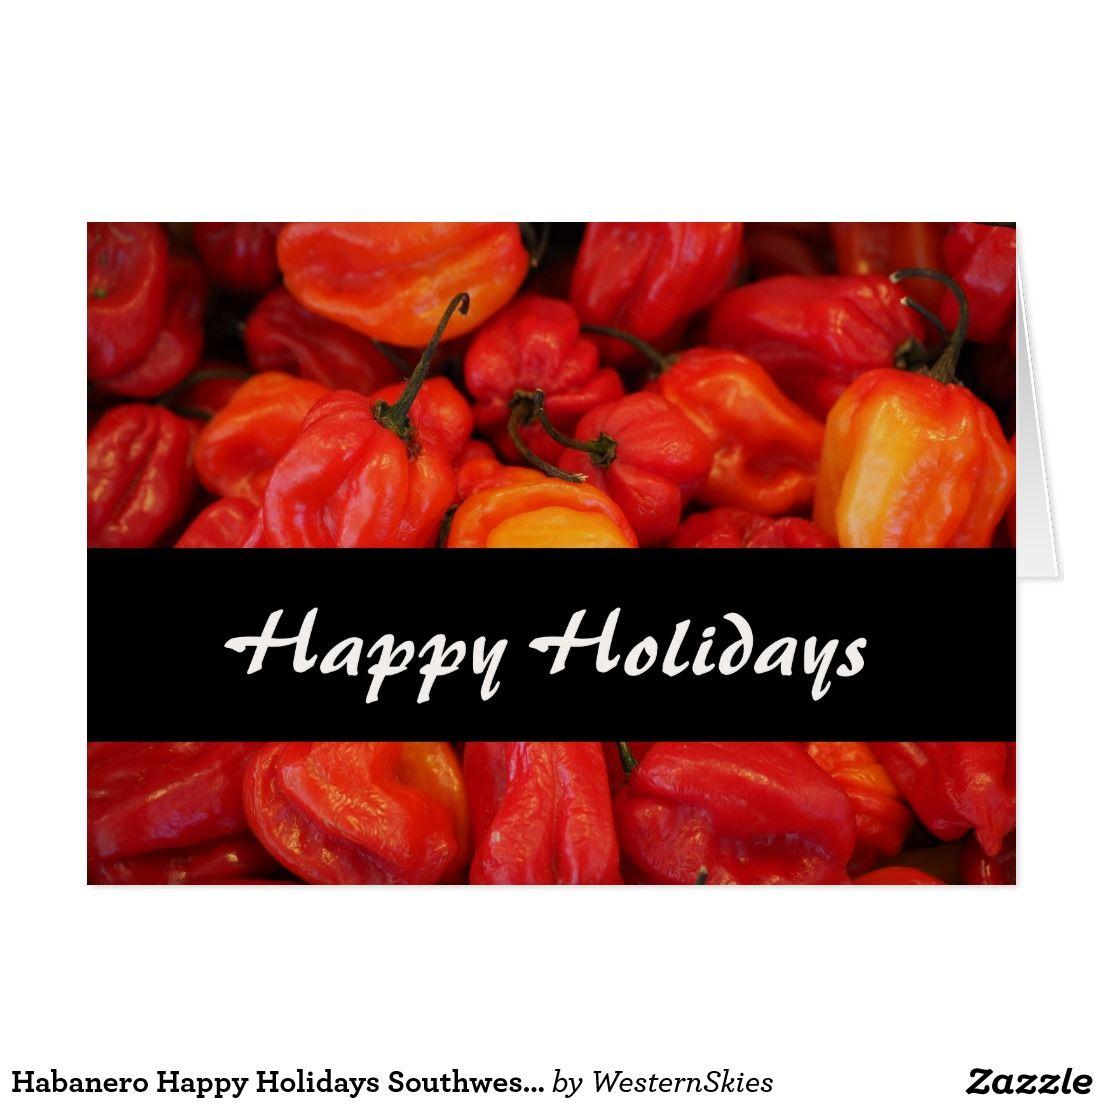 Habanero Happy Holidays Southwestern Christmas Red Card